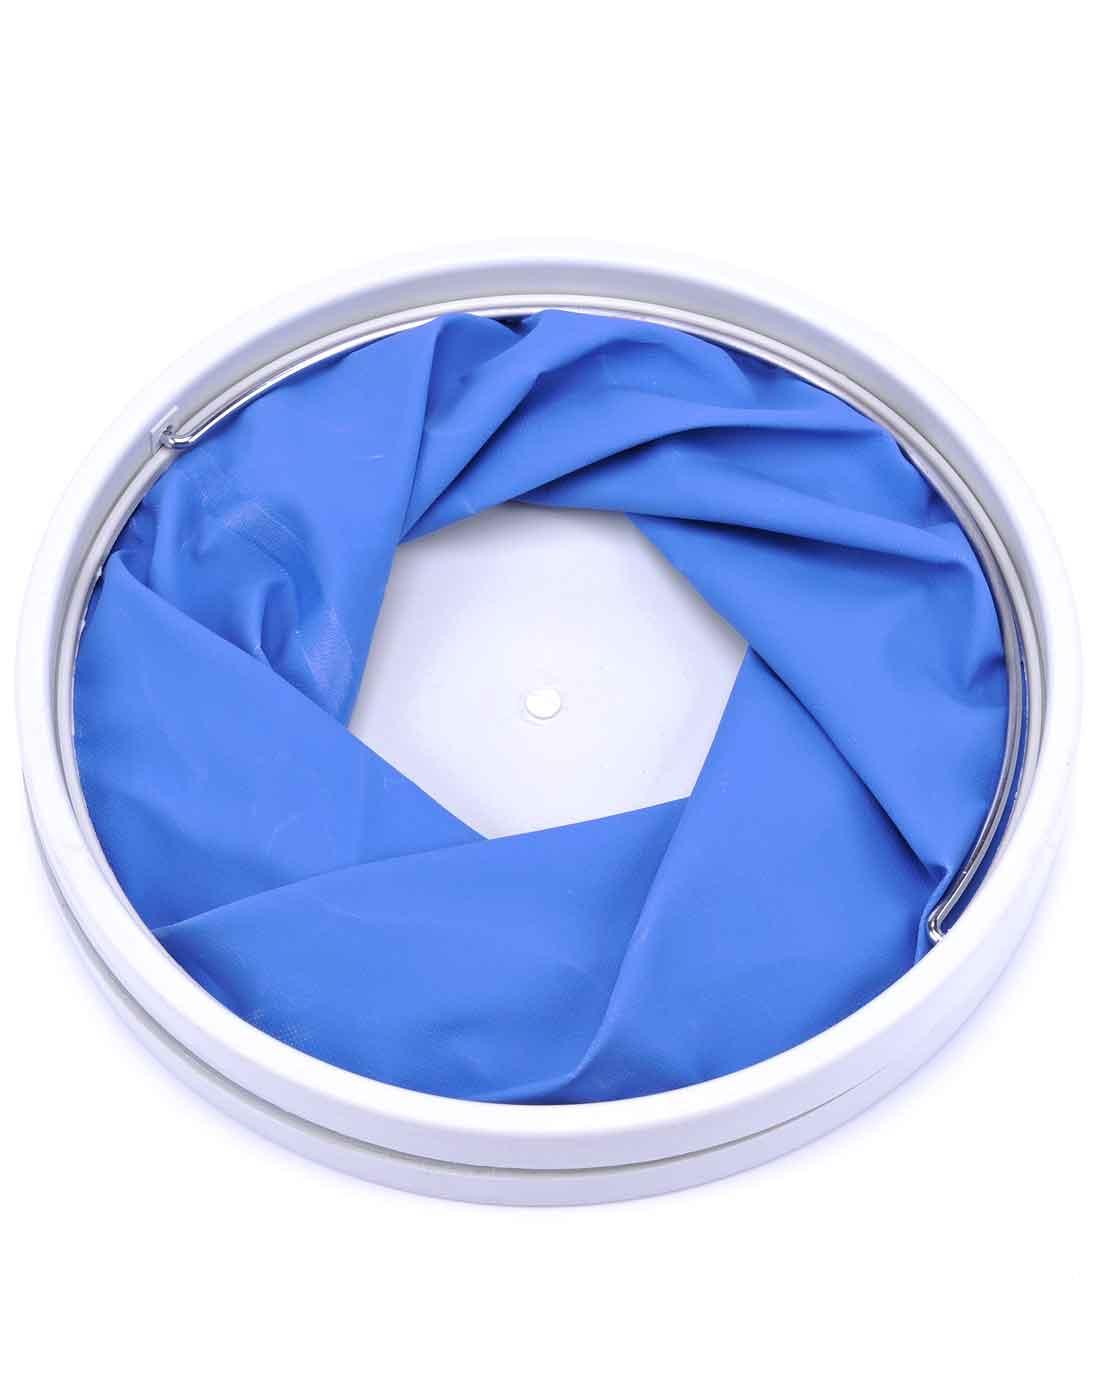 户外便携式折叠水桶蓝色ff